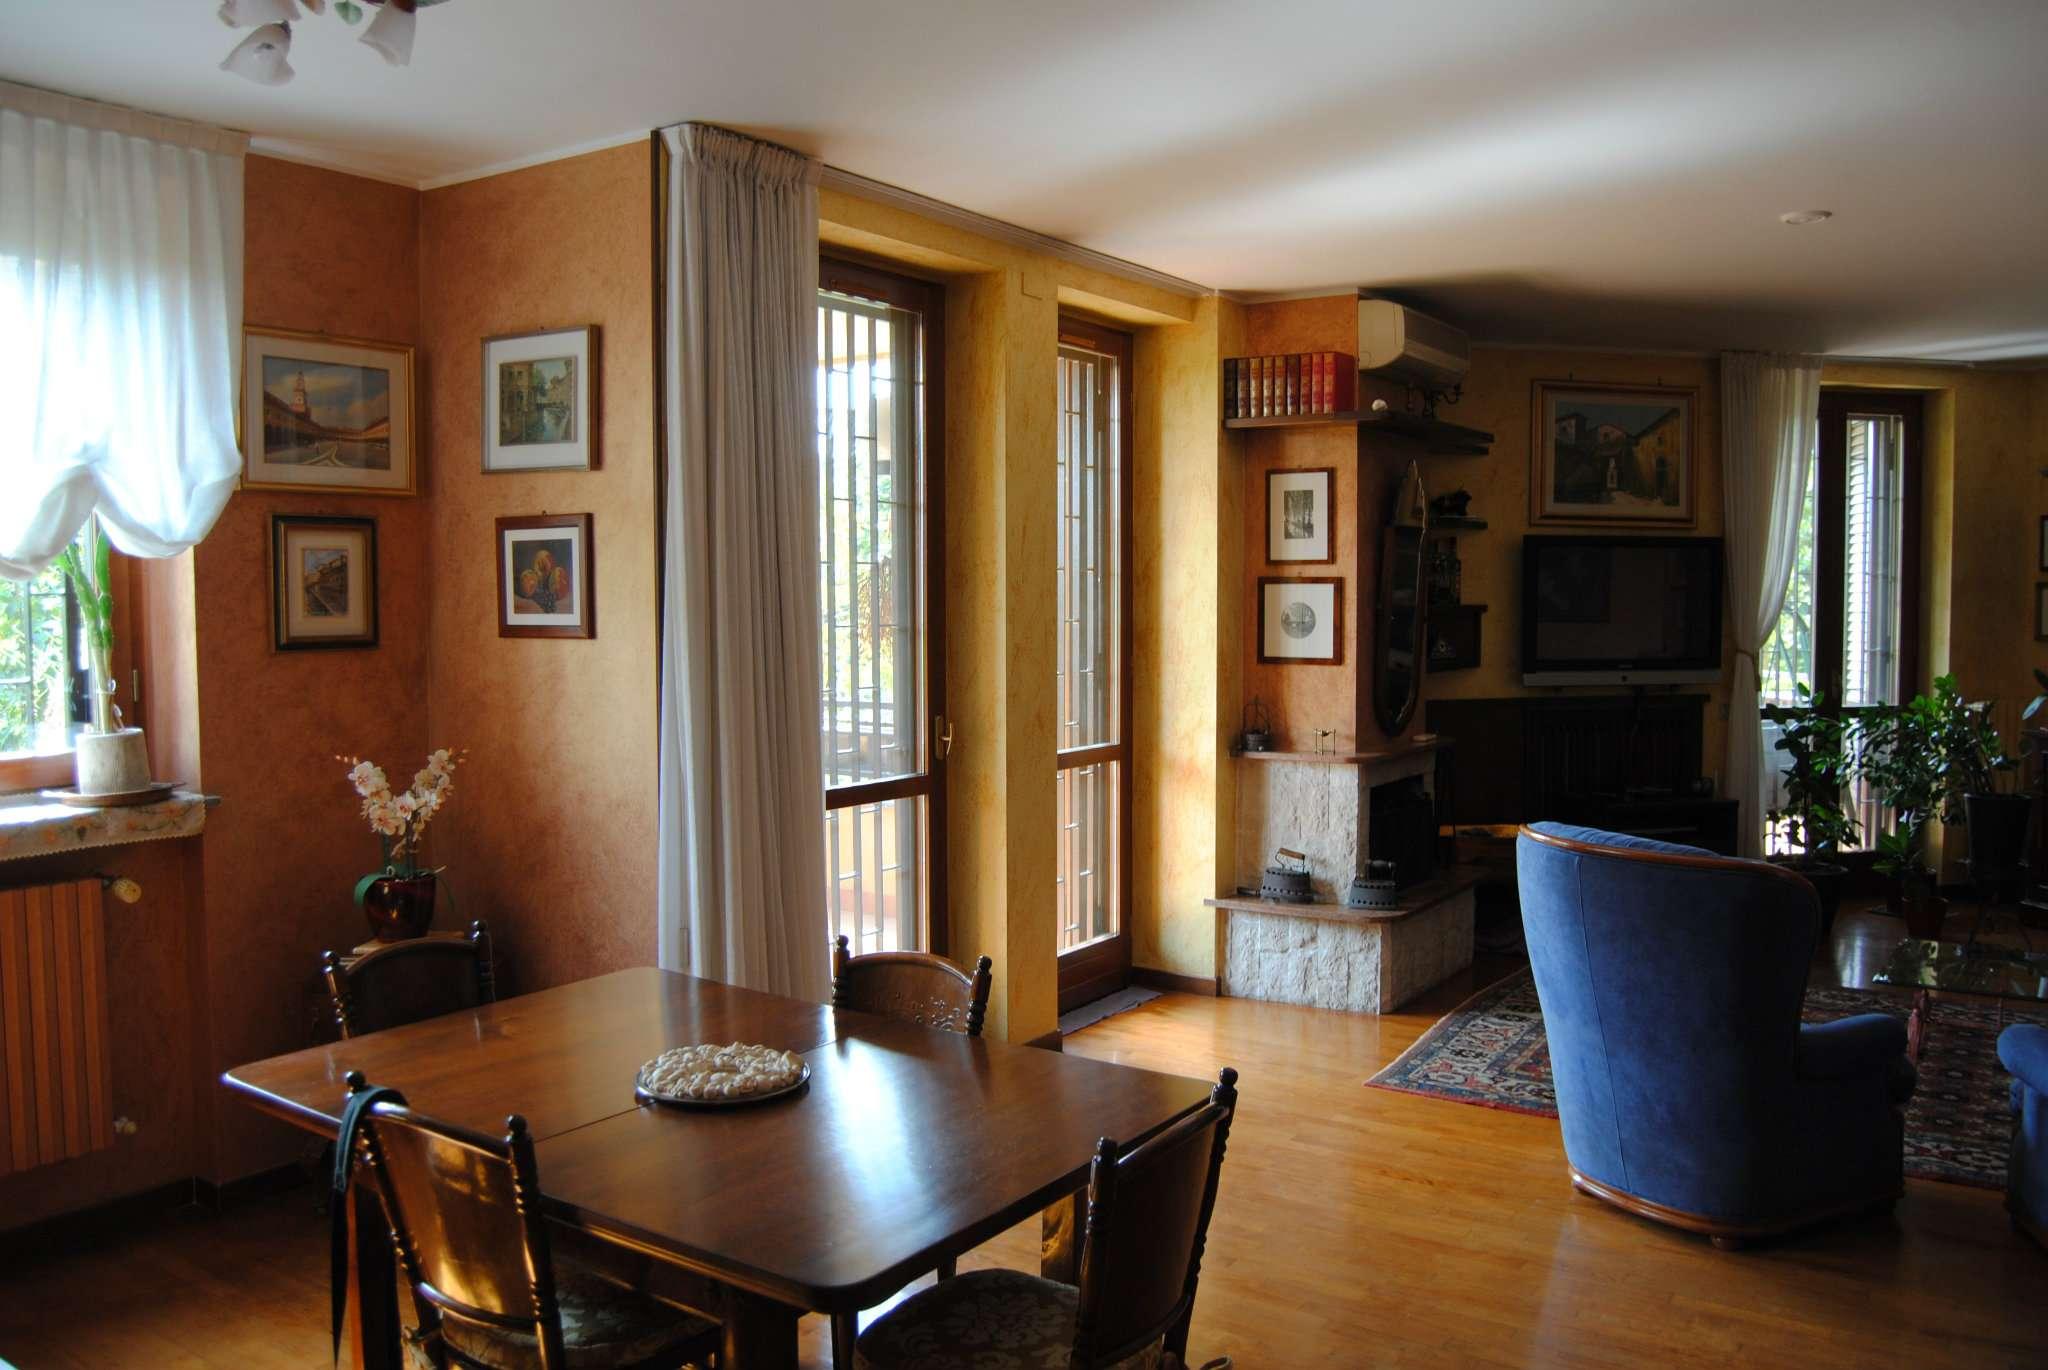 Appartamento in vendita a Peschiera Borromeo, 5 locali, Trattative riservate | CambioCasa.it